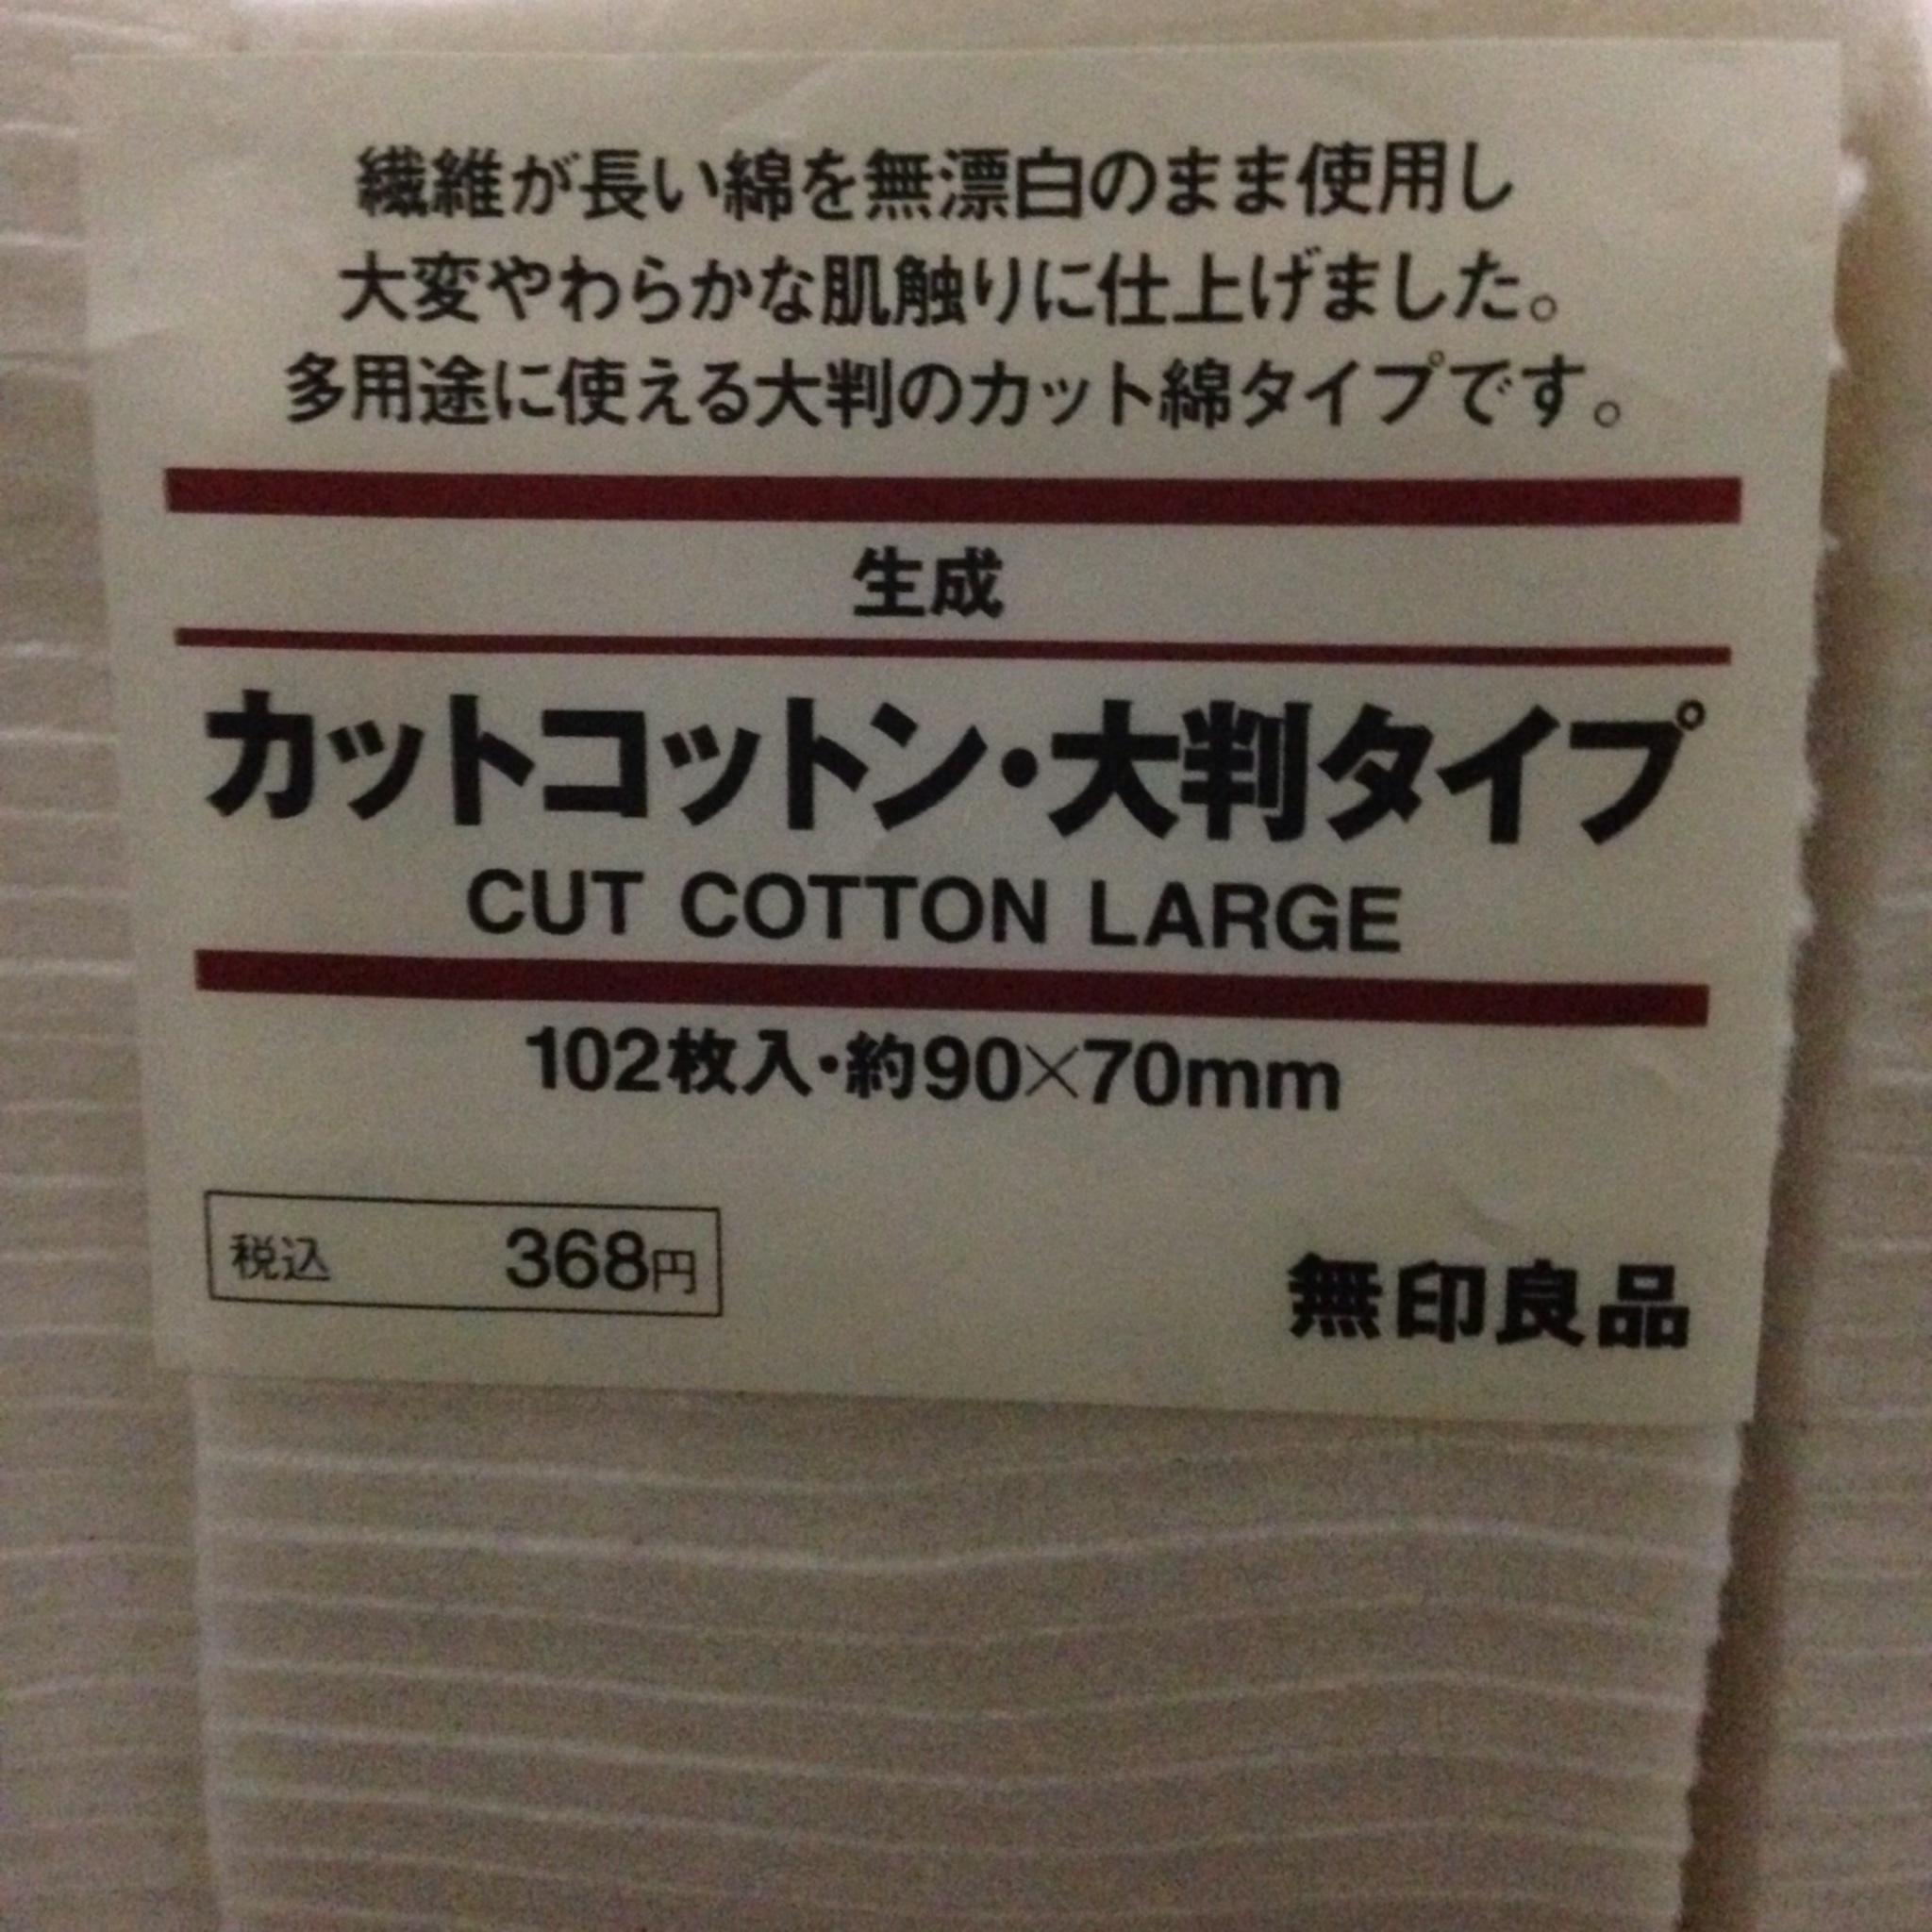 Muji Kapas Organic 10 Lembar Cotton Daftar Harga Terbaru Dan Jepang Authentic Original Organik Impor Ecru Vape Vapor Japan Online Source Jual 102 97cm